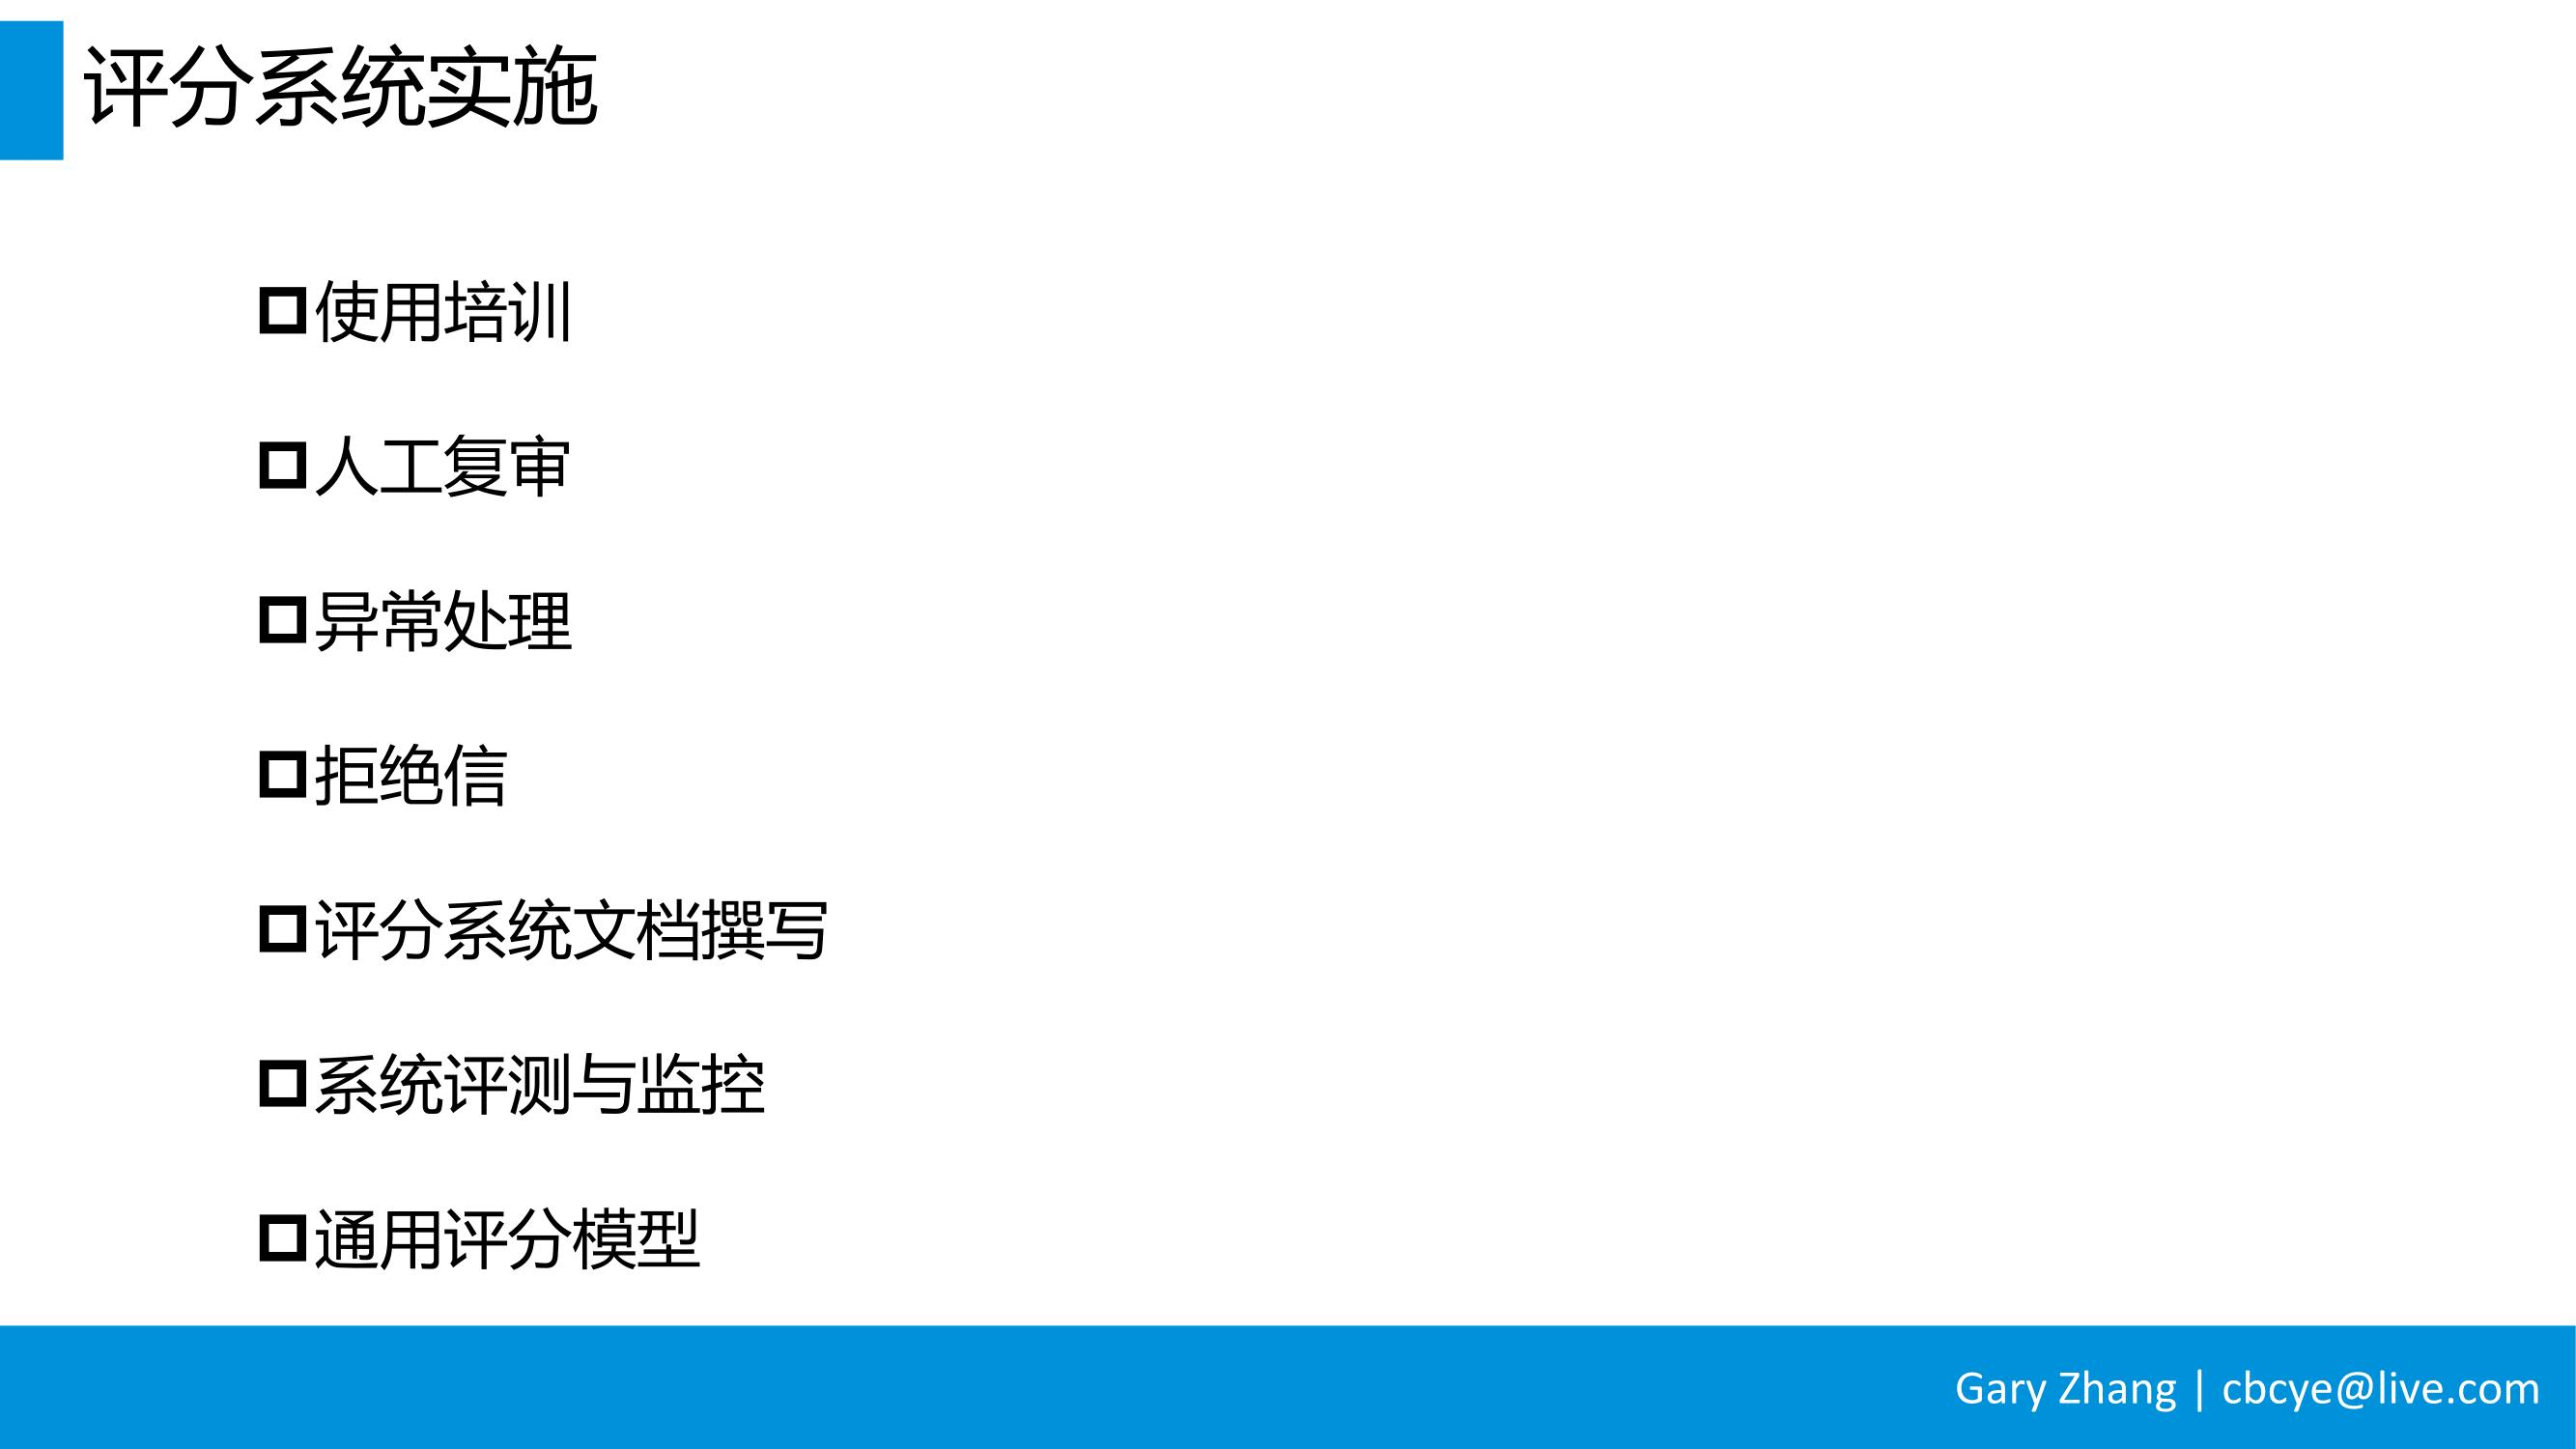 消费金融业务全流程指南_v1.0-033